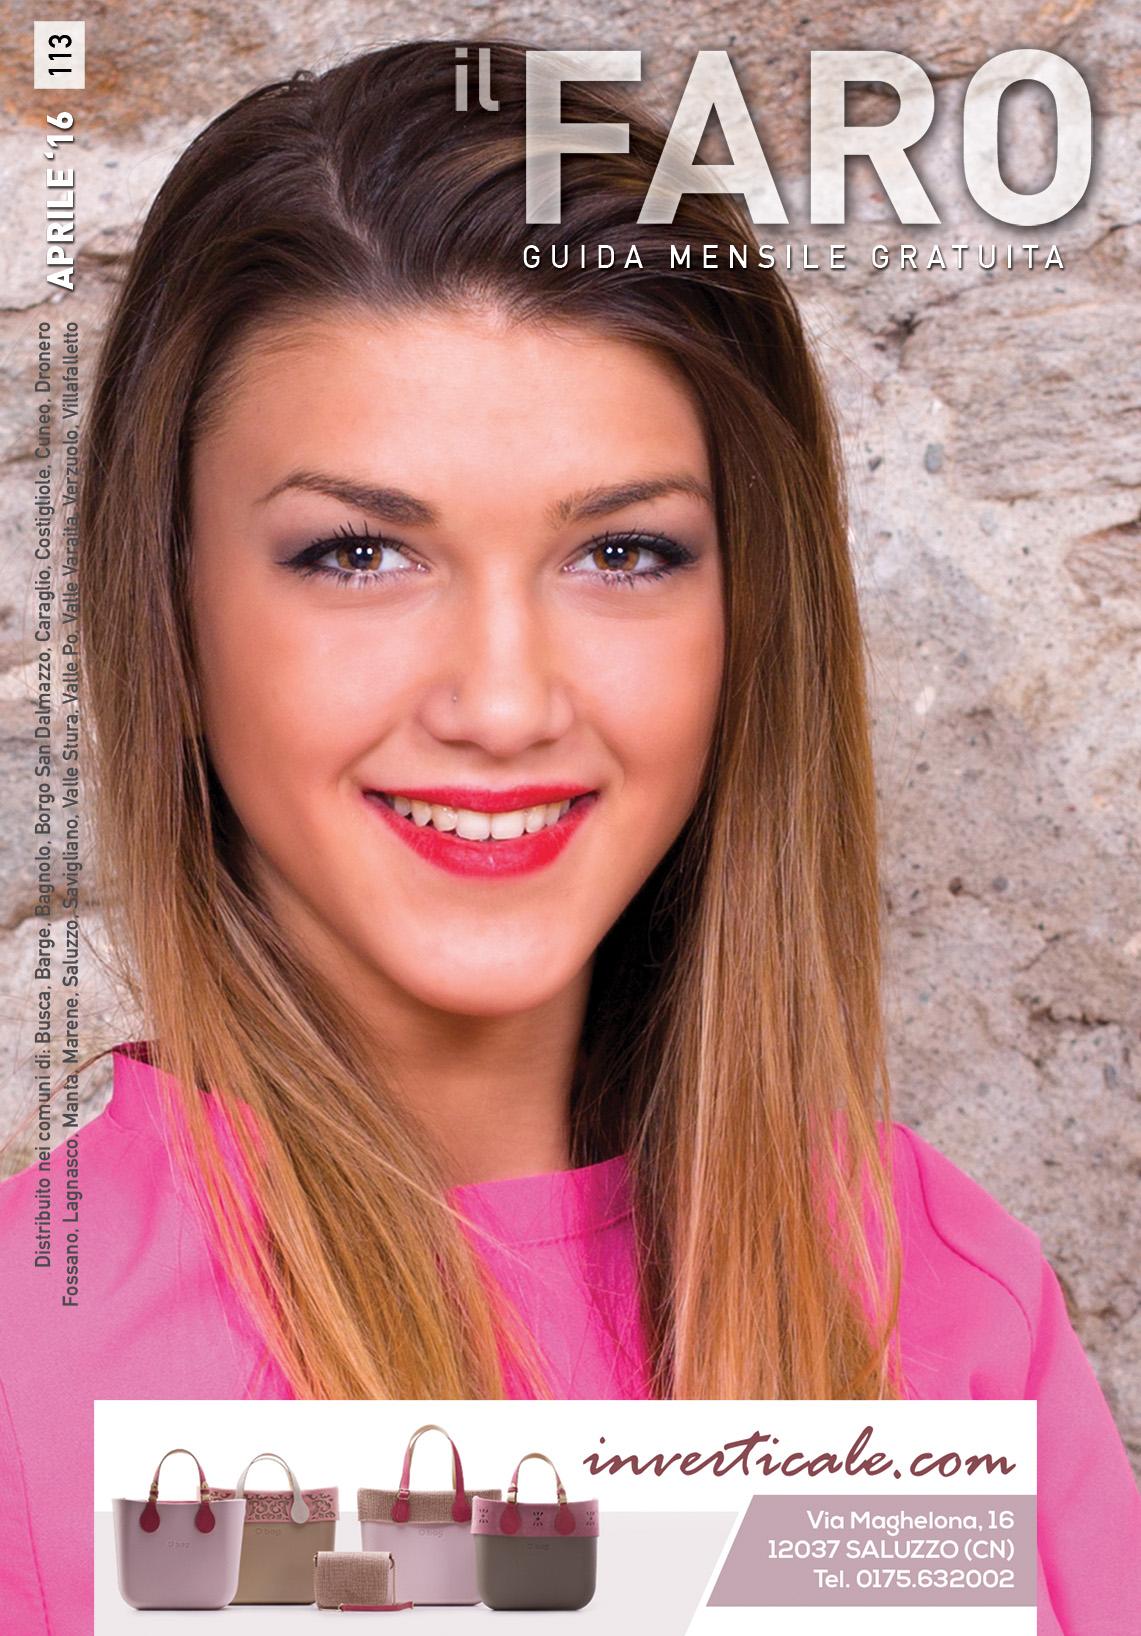 Michela Coraglia